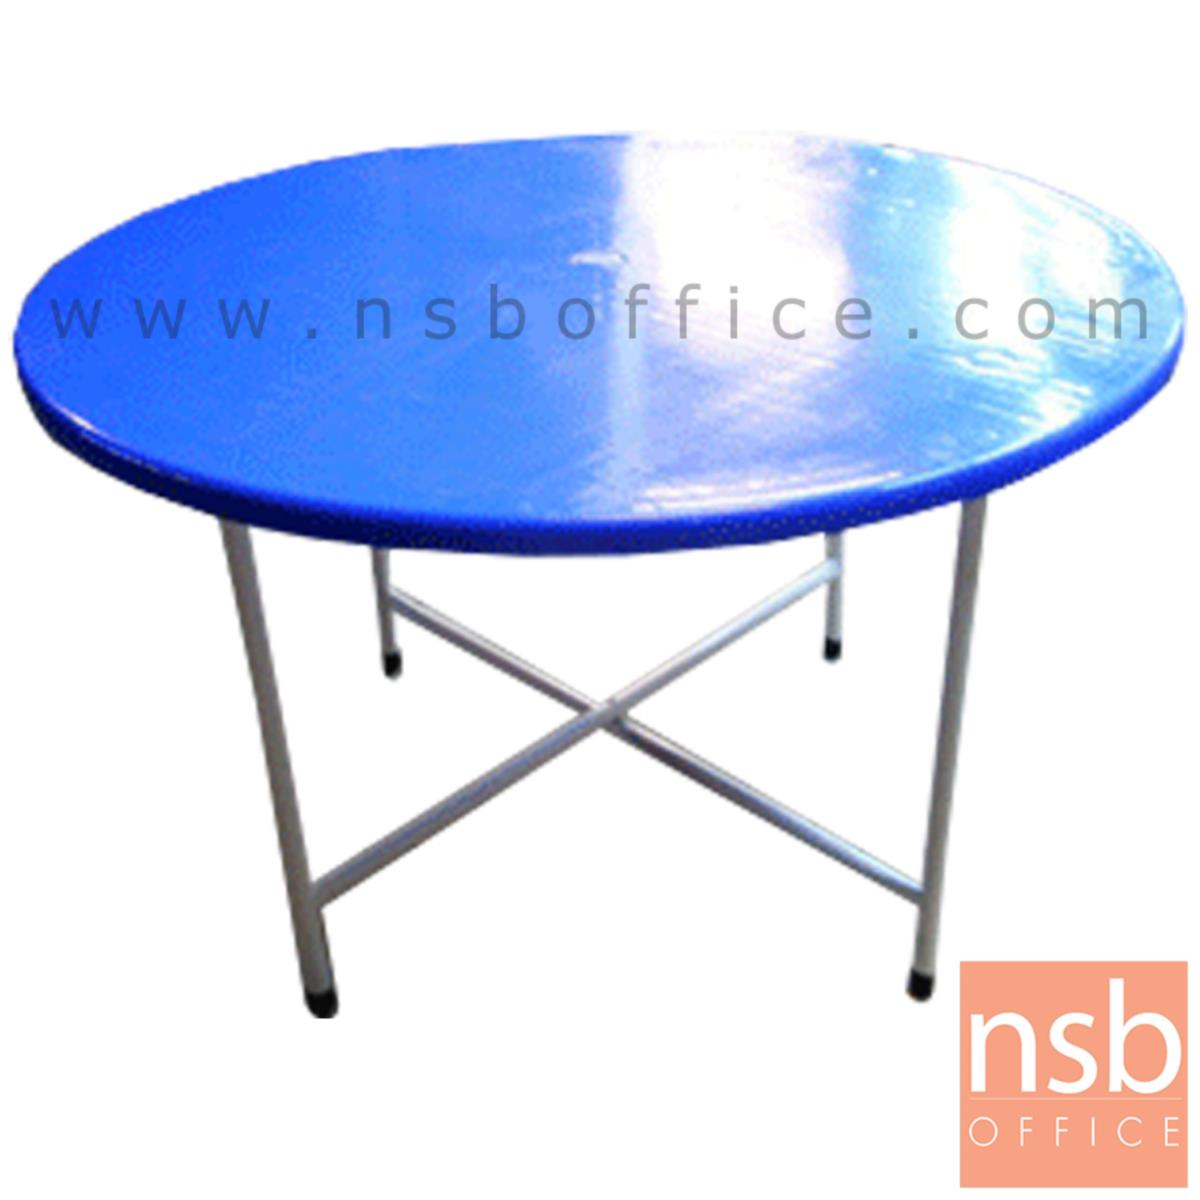 A07A048:โต๊ะพับจีนหน้าพลาสติก  ขนาด 120Di cm.  โครงขาเหล็กพ่นขาว